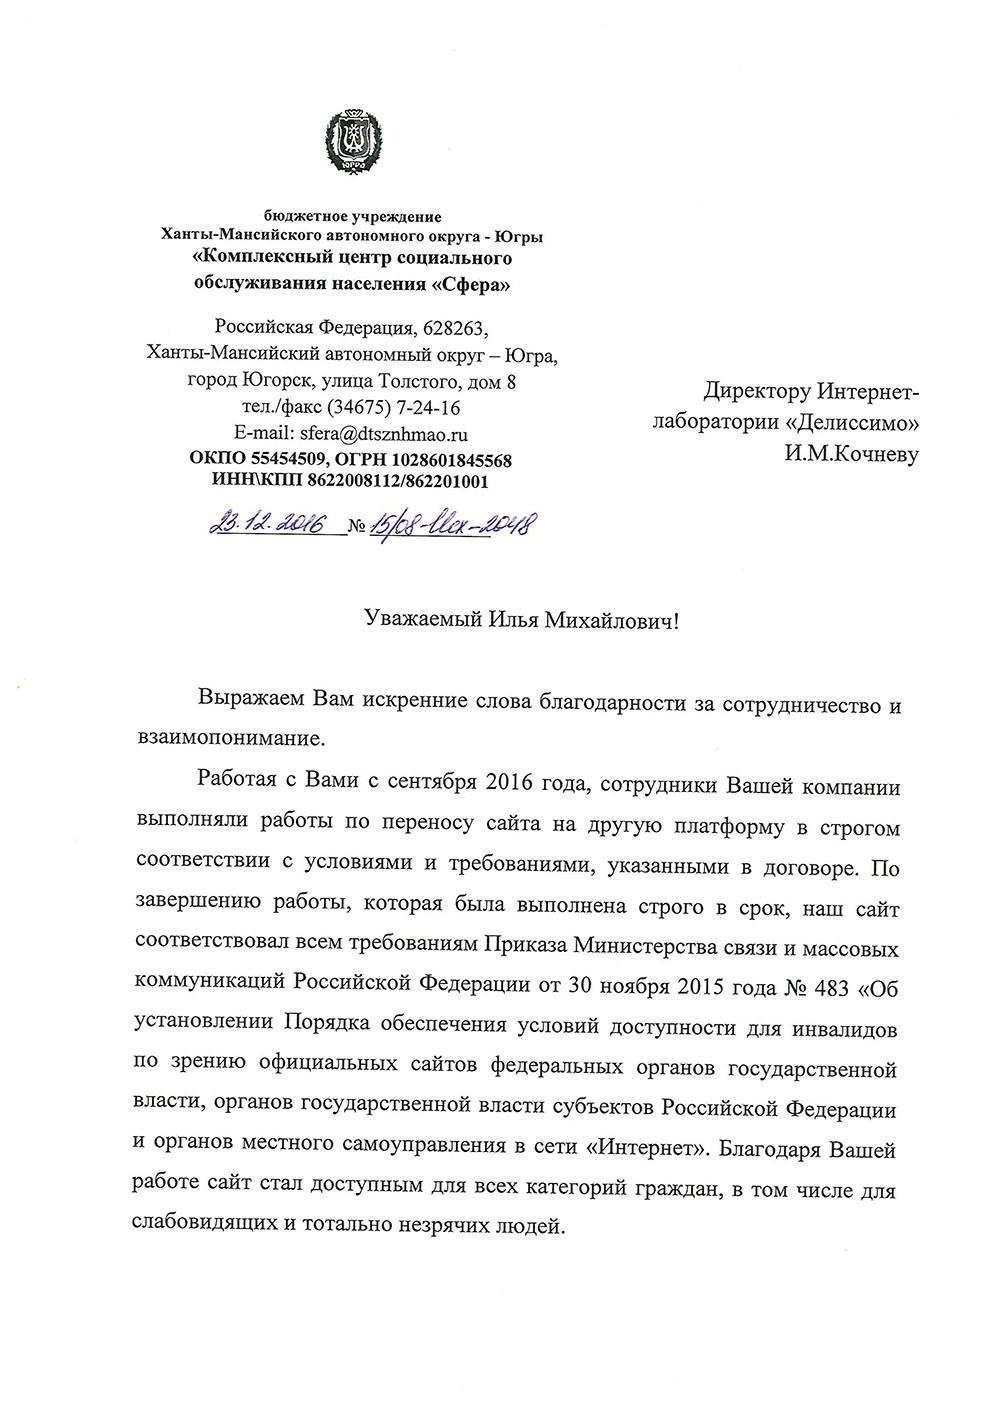 БУ КЦСОН «Сфера», г. Югорск, 2016г. — 1